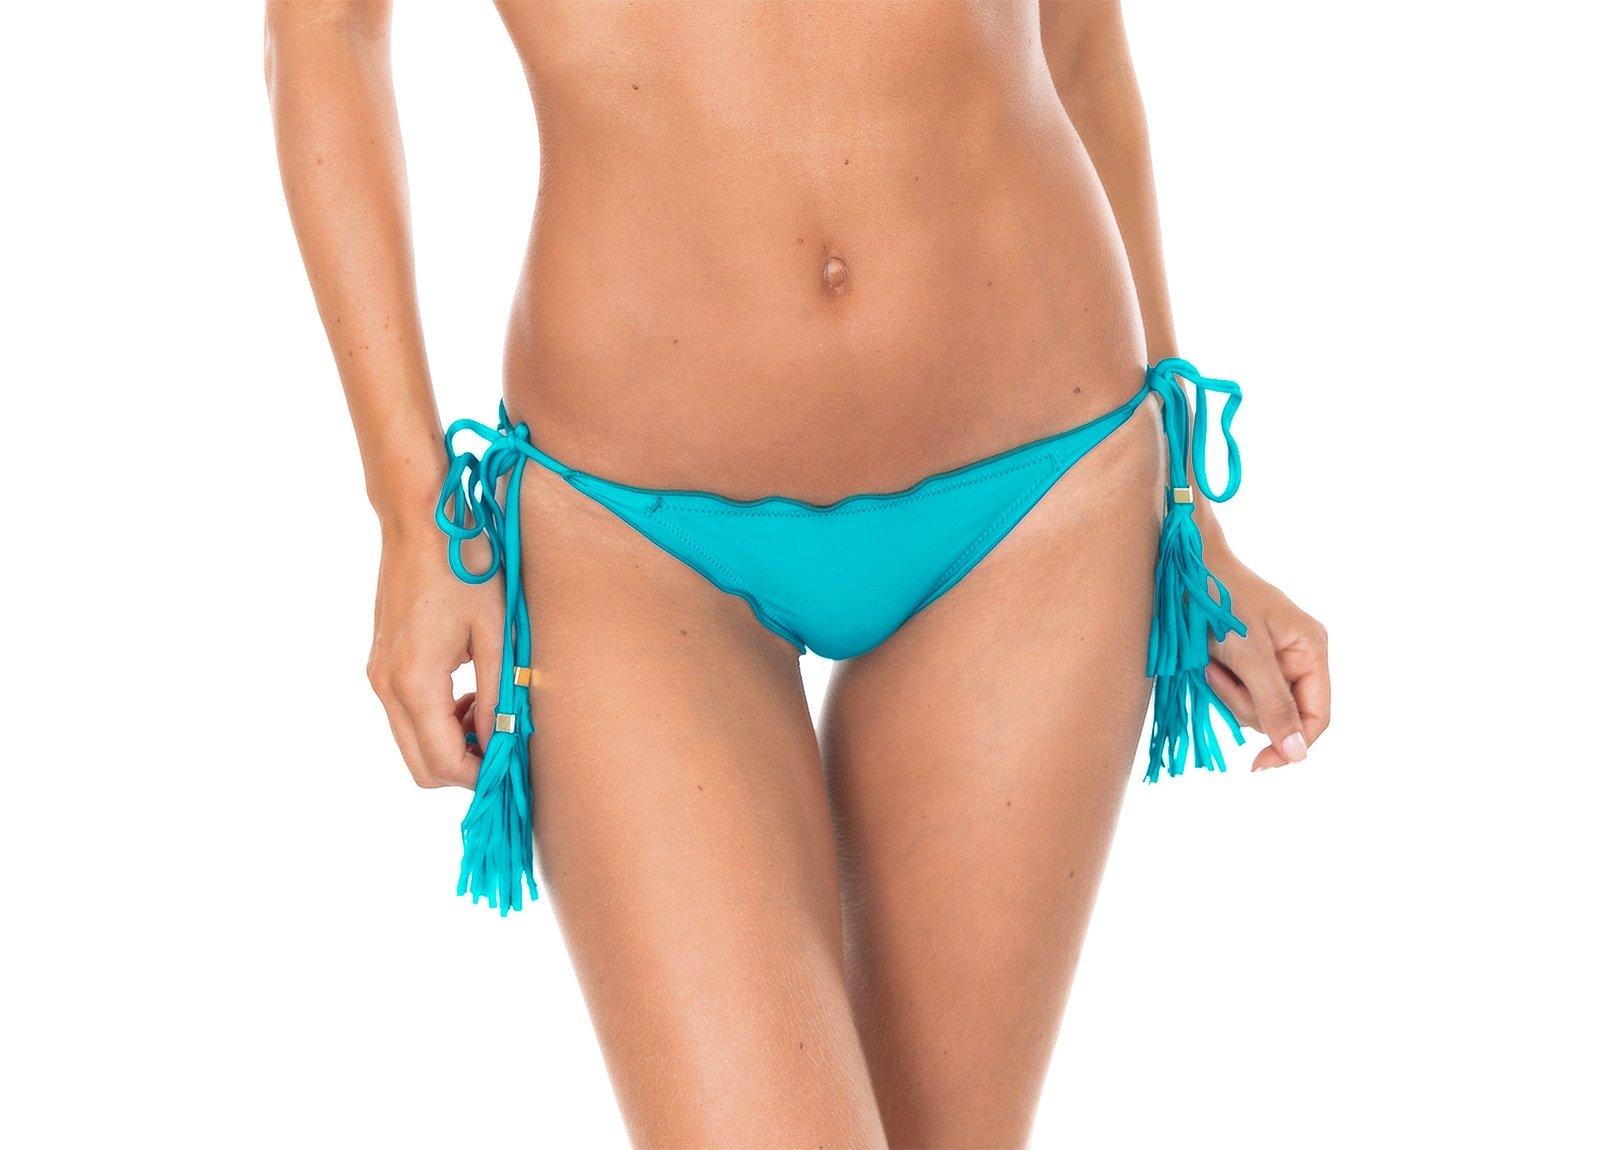 431bdda9fff39 Sky Blue Scrunch Bikini Bottom With Tassels - Calcinha Ambra Frufru Nannai  - Rio de Sol